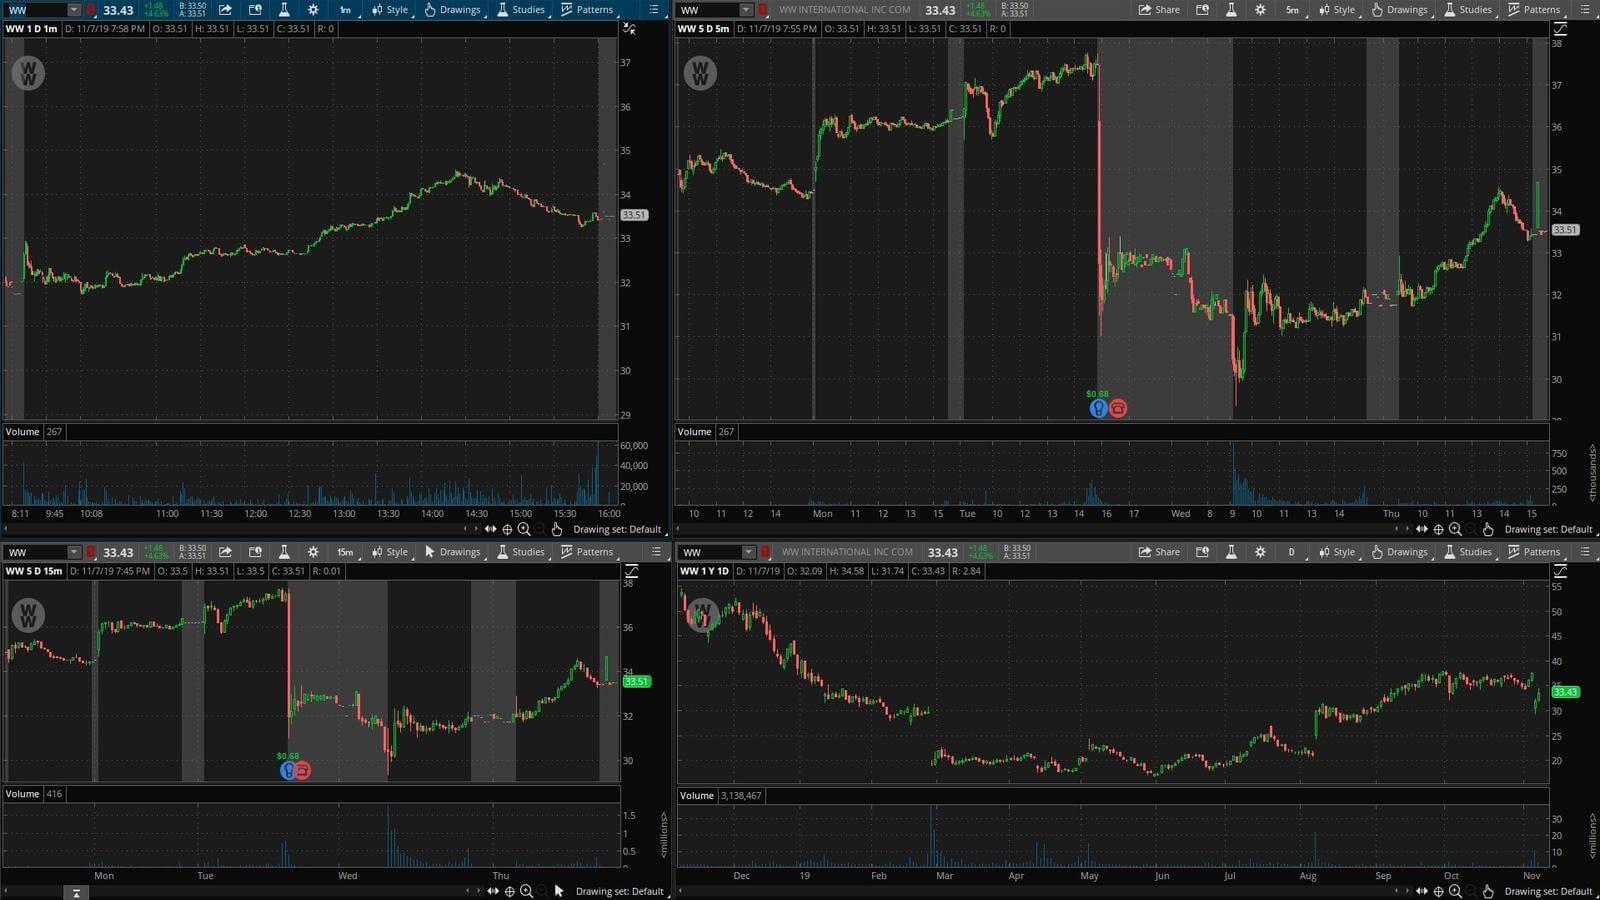 WW - график акции на фондовой бирже